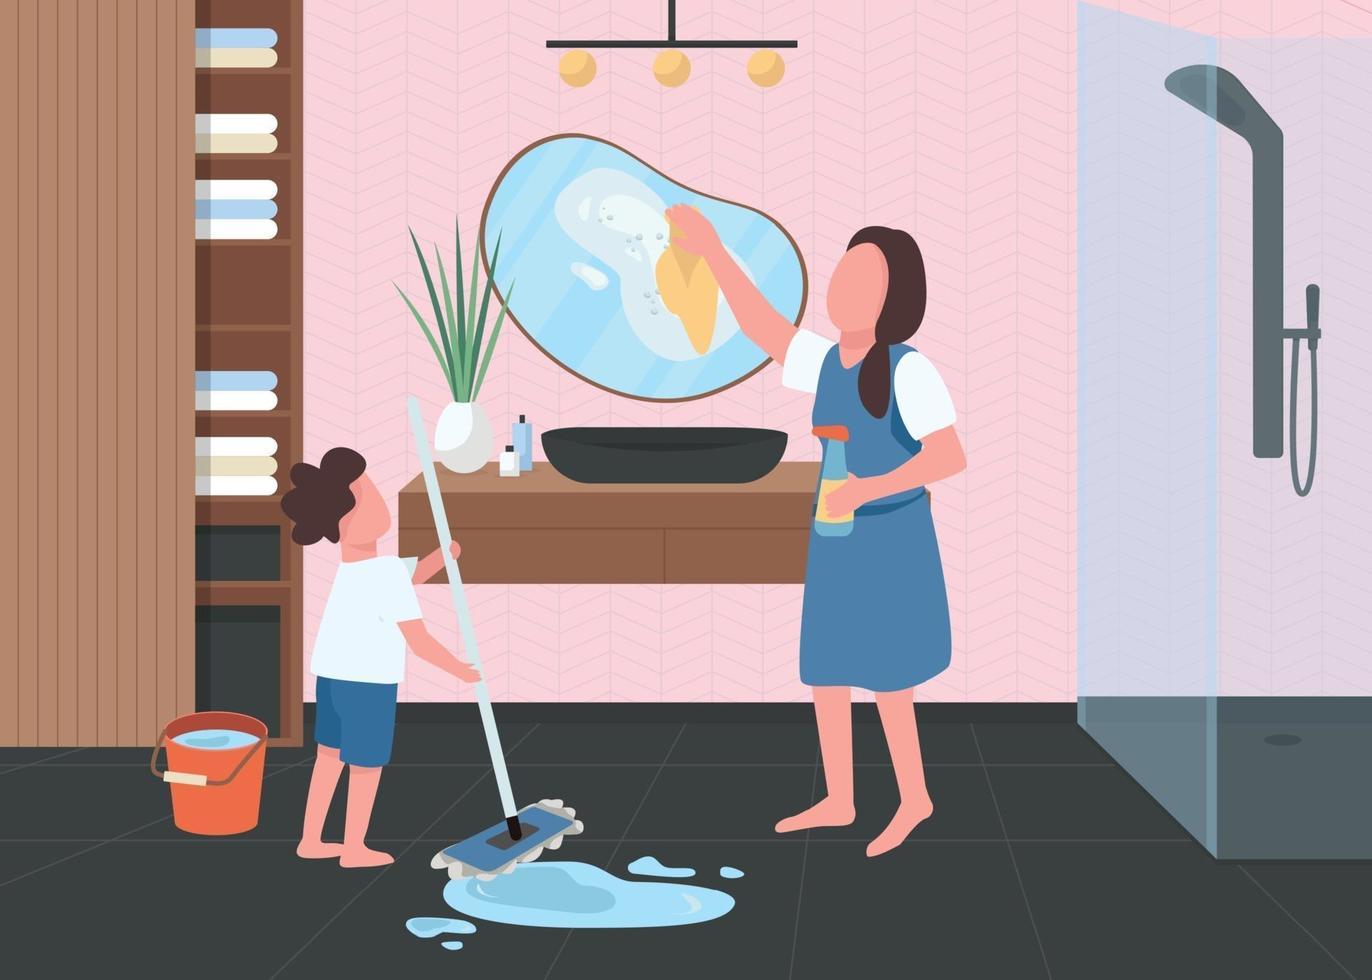 pulizie di primavera nell'illustrazione di vettore di colore piatto del bagno